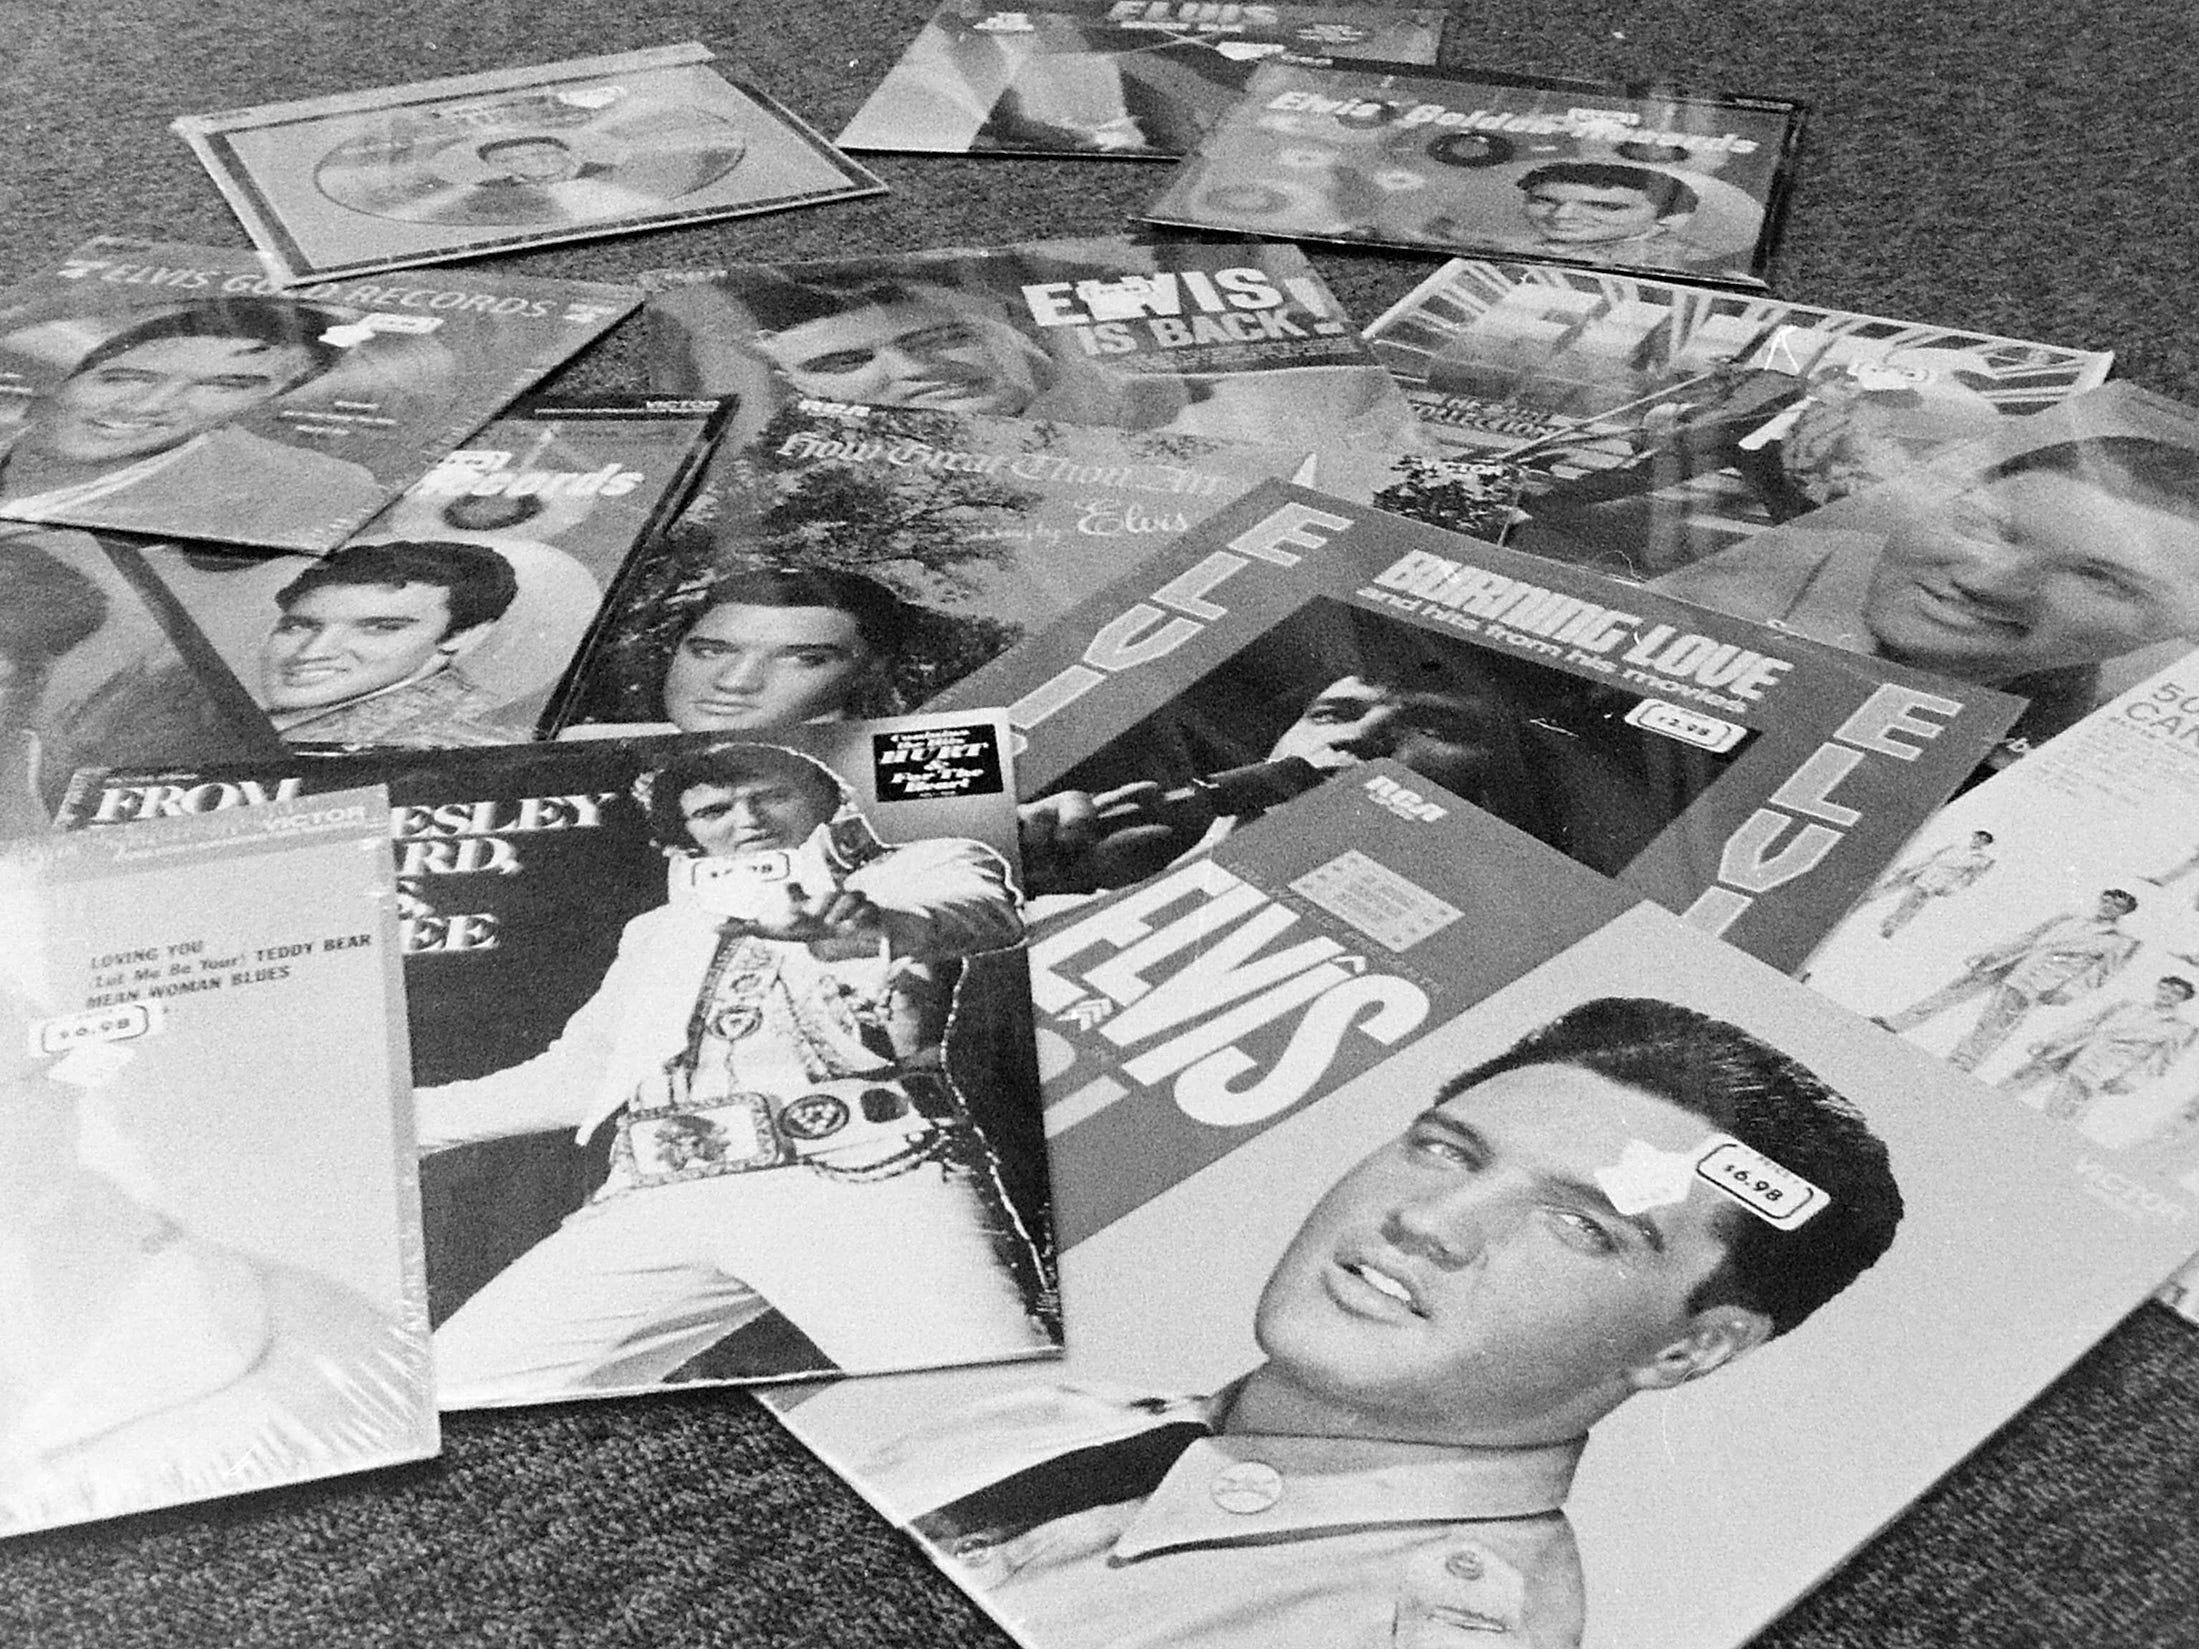 08/19/77Elvis Presley Tribute